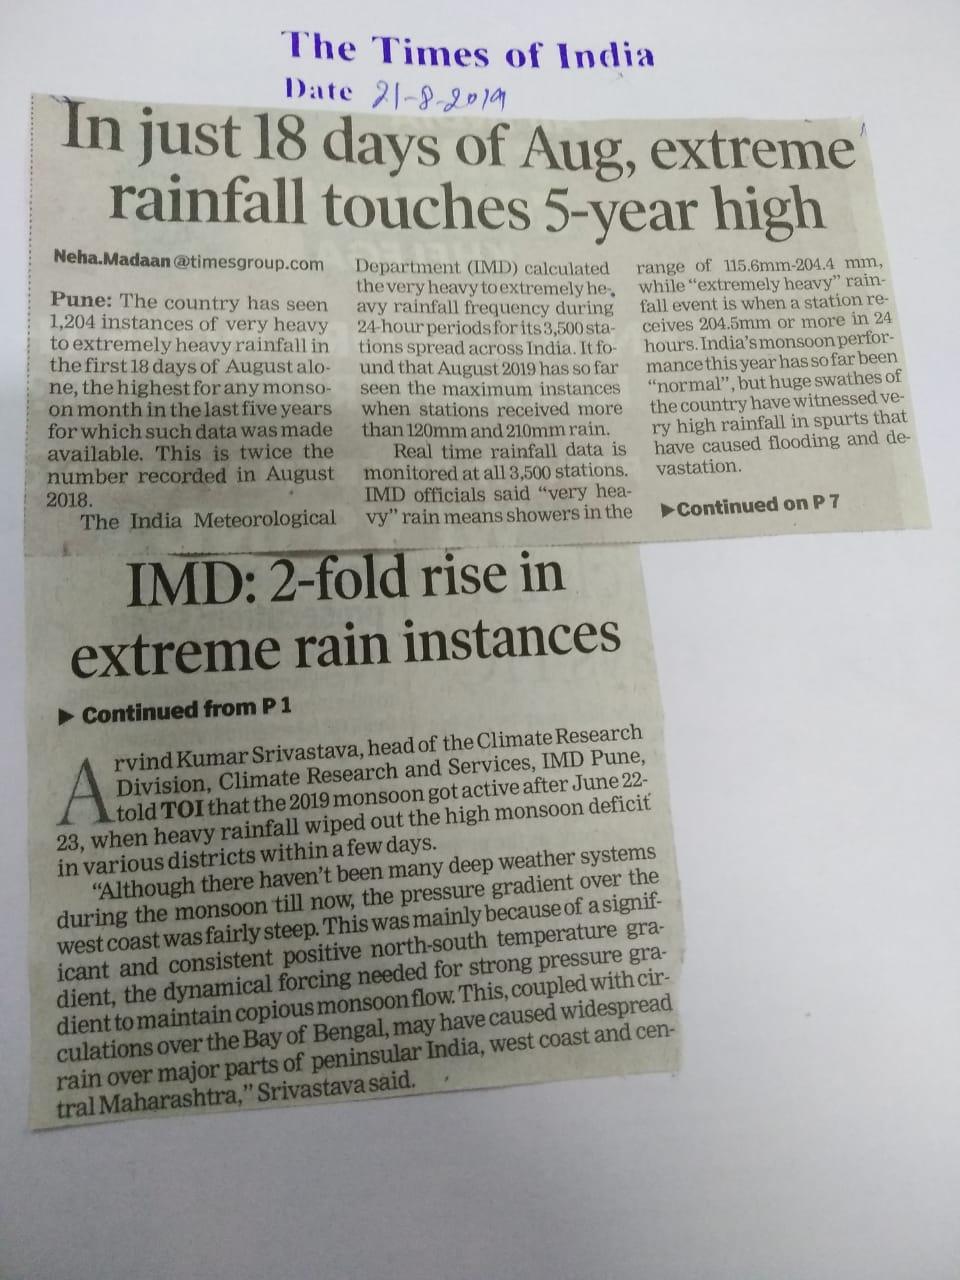 अगस्त के केवल 18 दिनों में, चरम वर्षा 5 साल के उच्च स्तर को छूती है- आईएमडी: चरम वर्षा के उदाहरणों में 2 गुना वृद्धि।